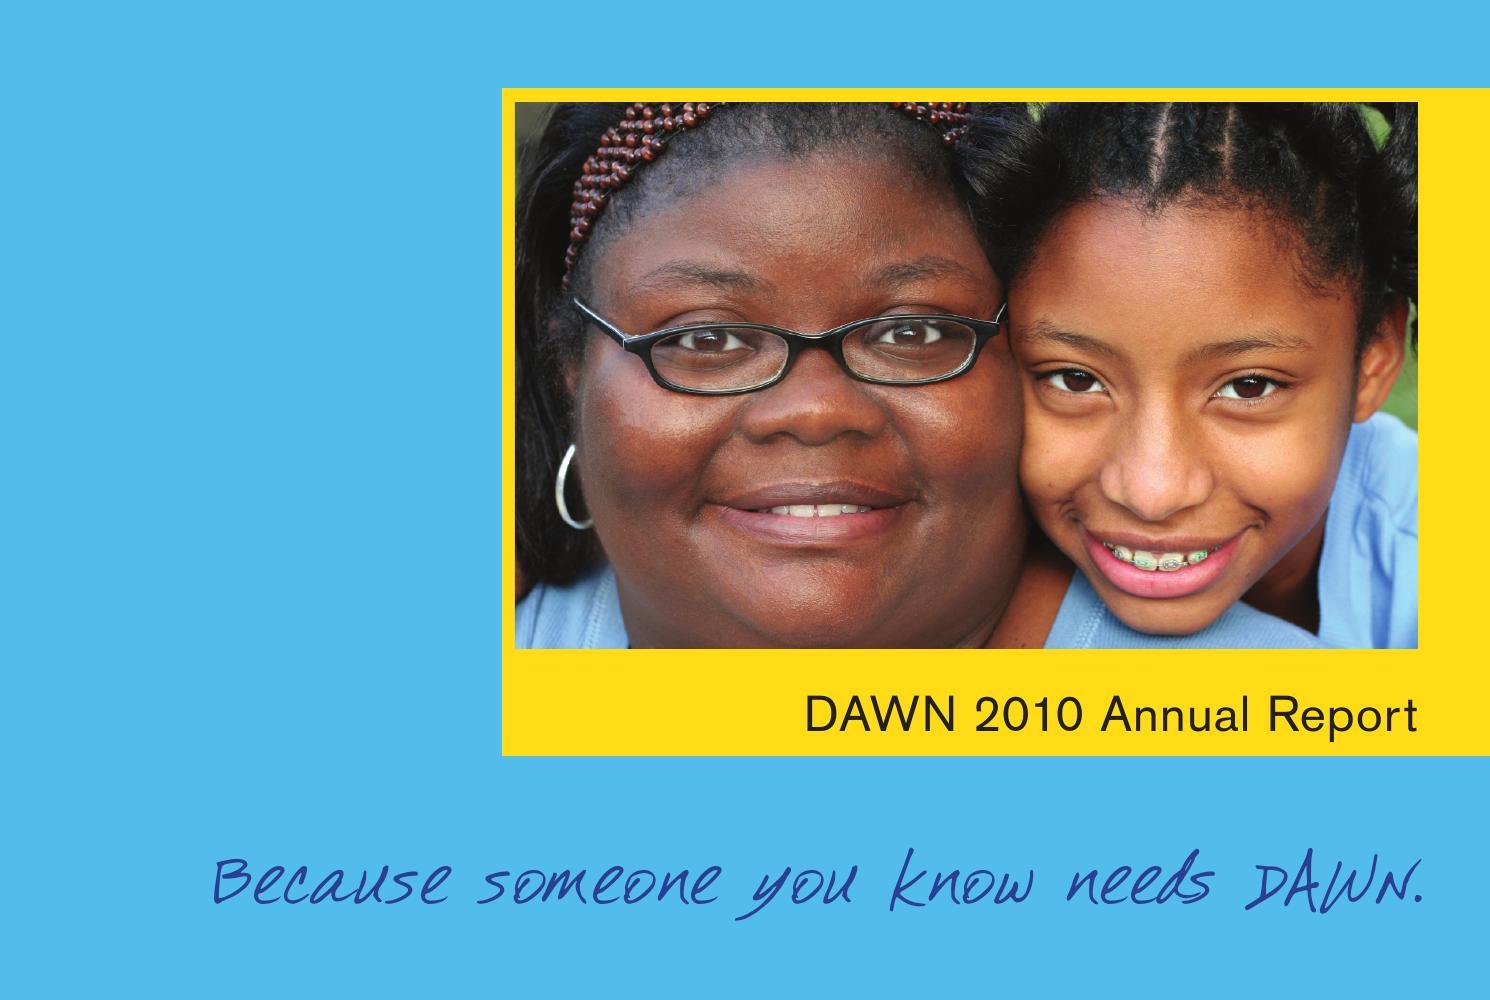 dawn s annual report by brenda chrystie issuu dawn s 2010 annual report